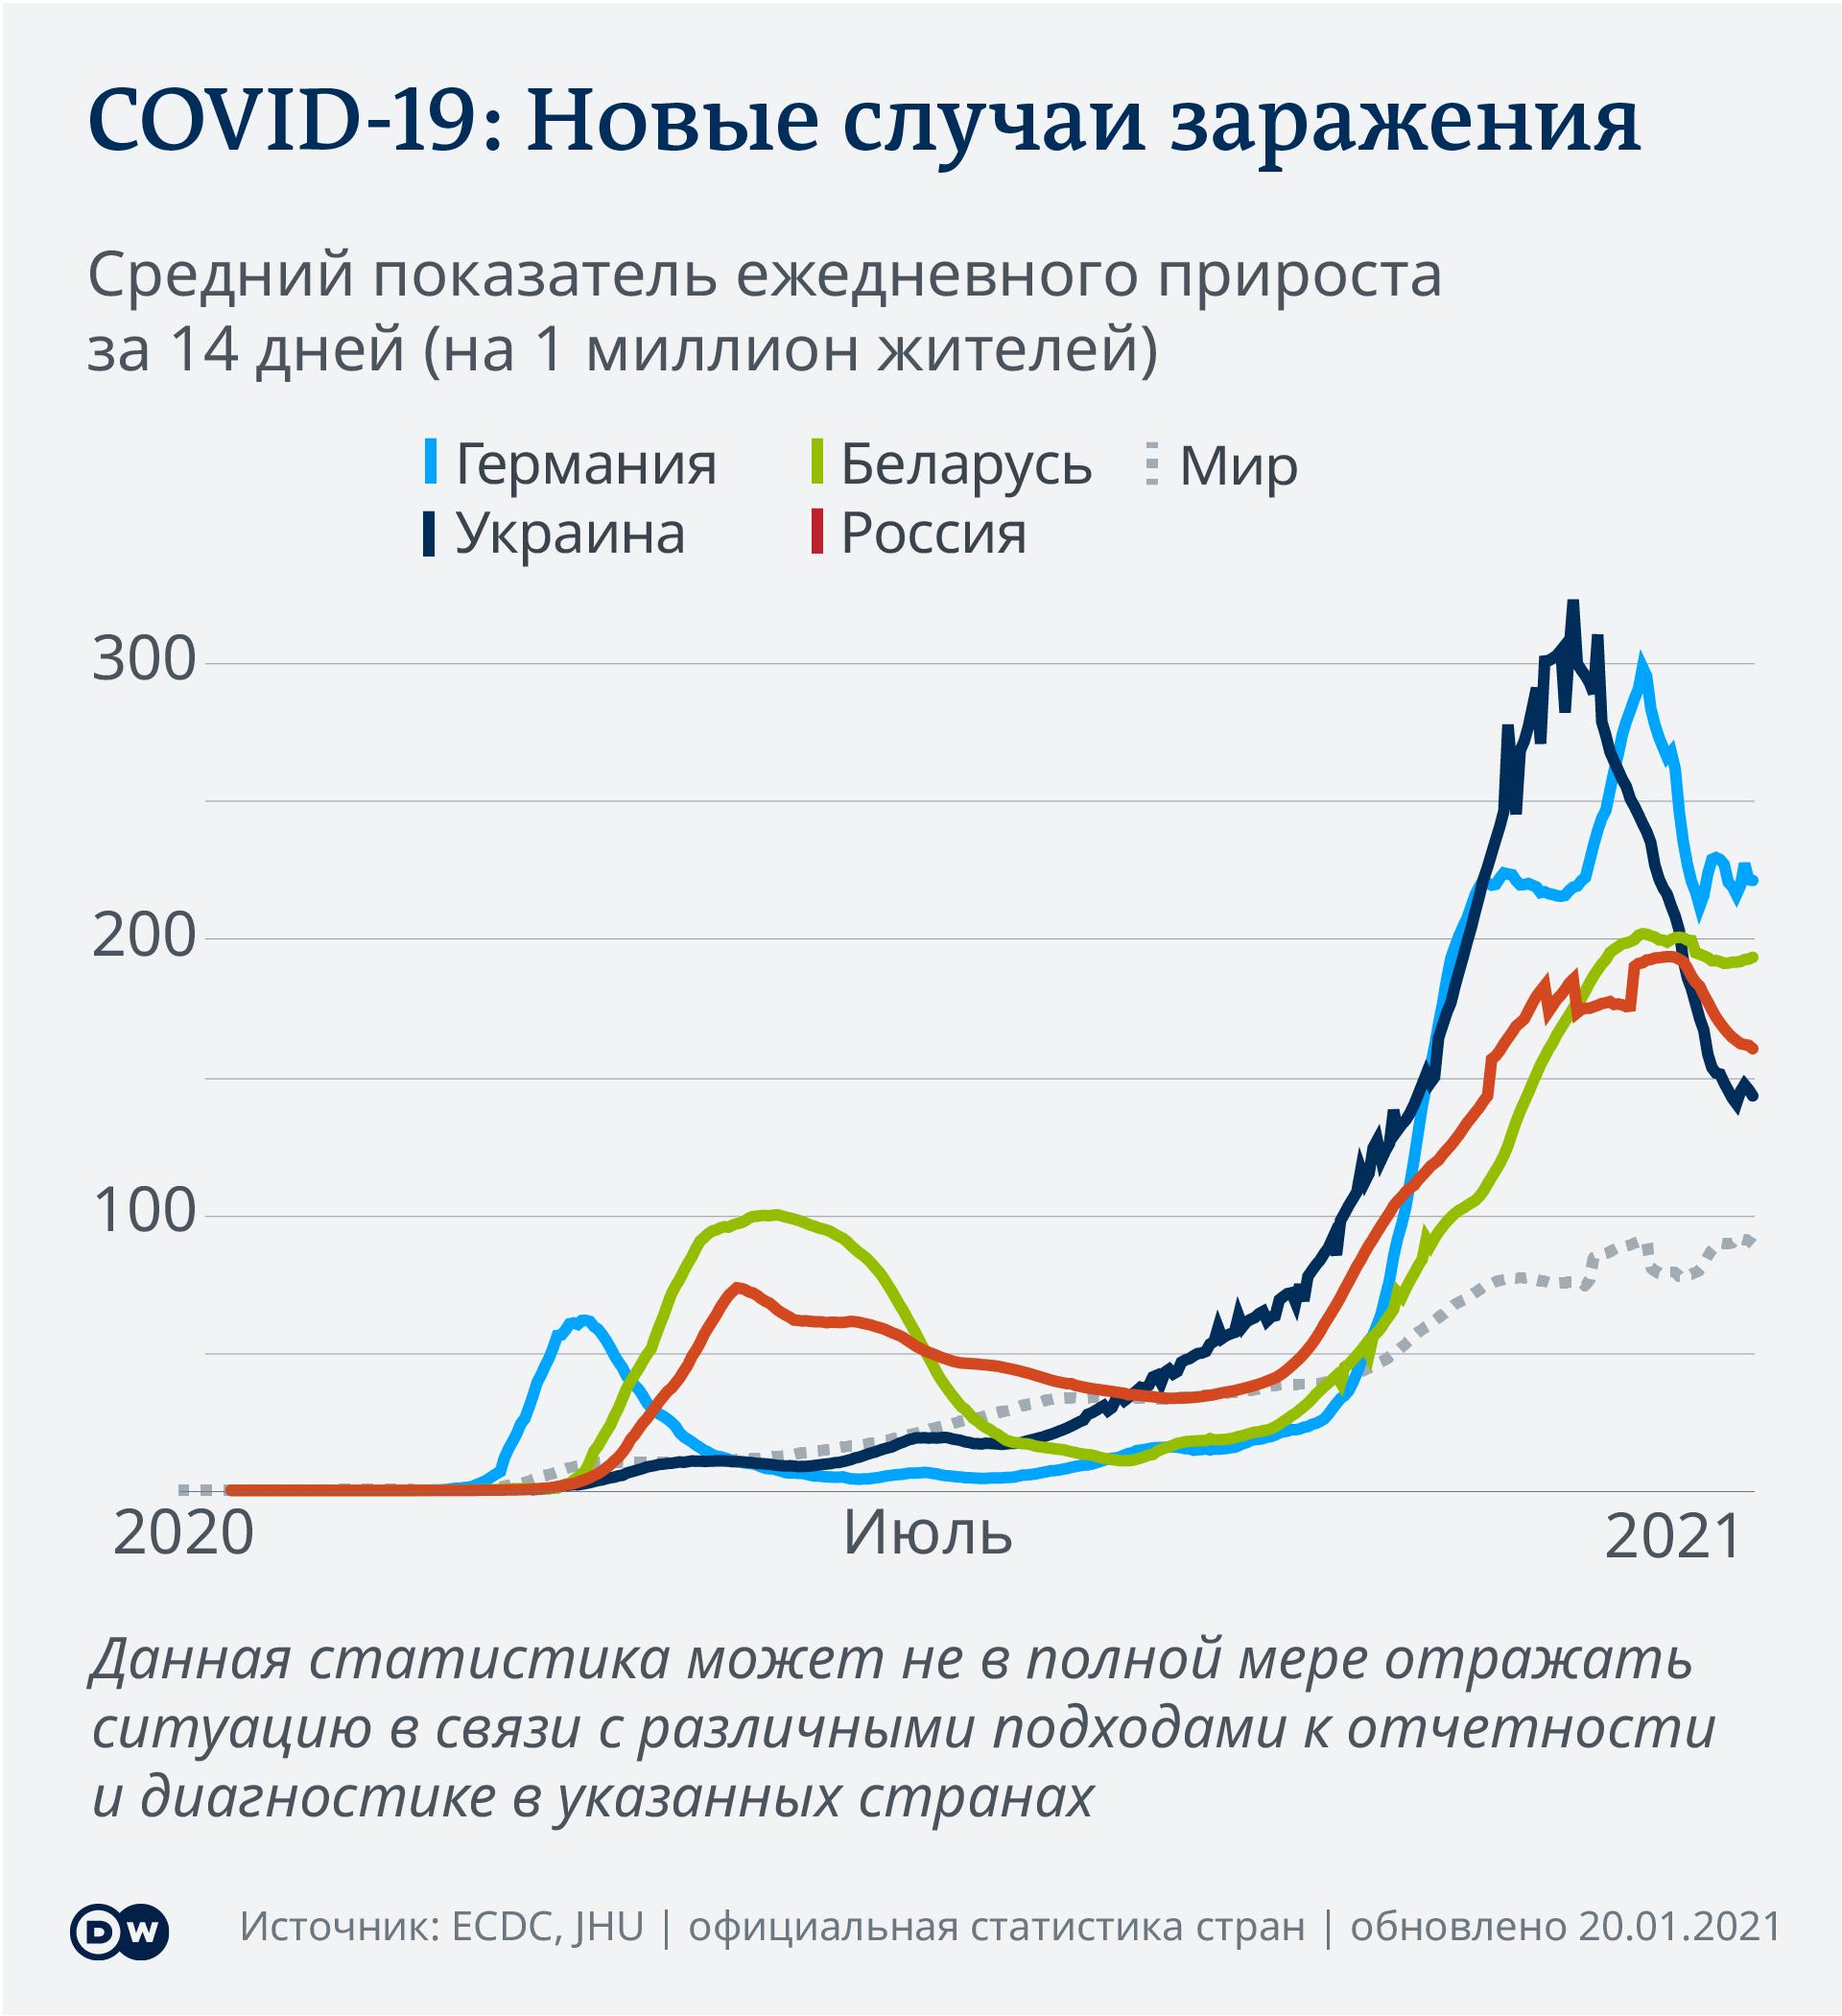 Динамика распространения коронавирусной инфекции в Германии, России, Беларуси, Украине и в мире - инфооргарфика